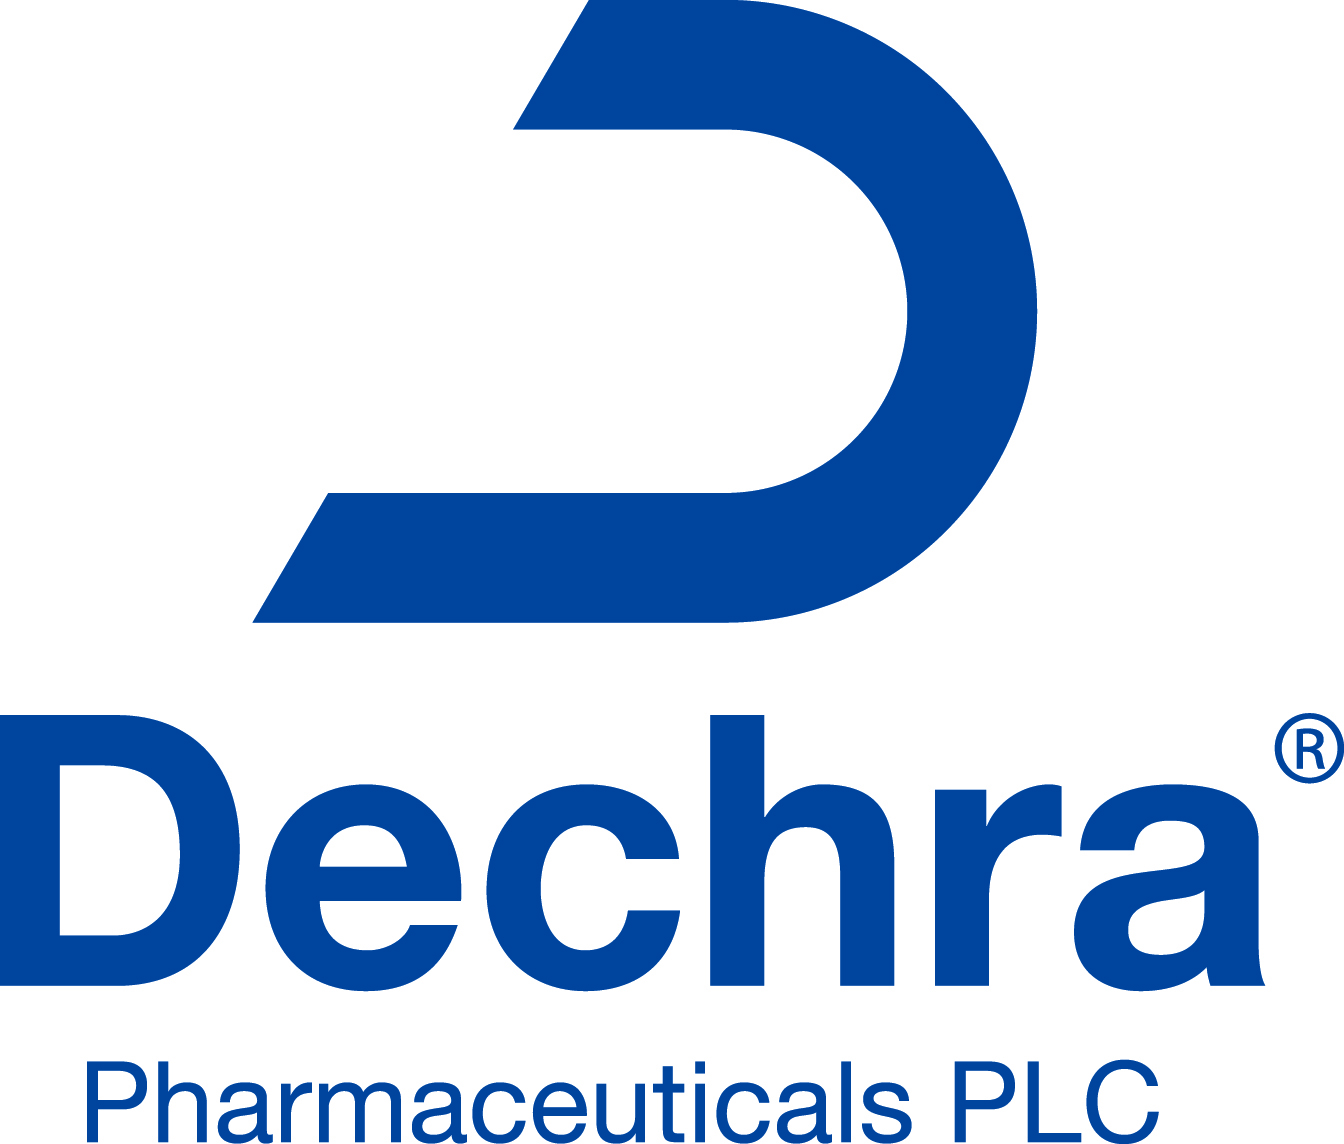 DECHRA PHARMACEUTICALS PLC Logo